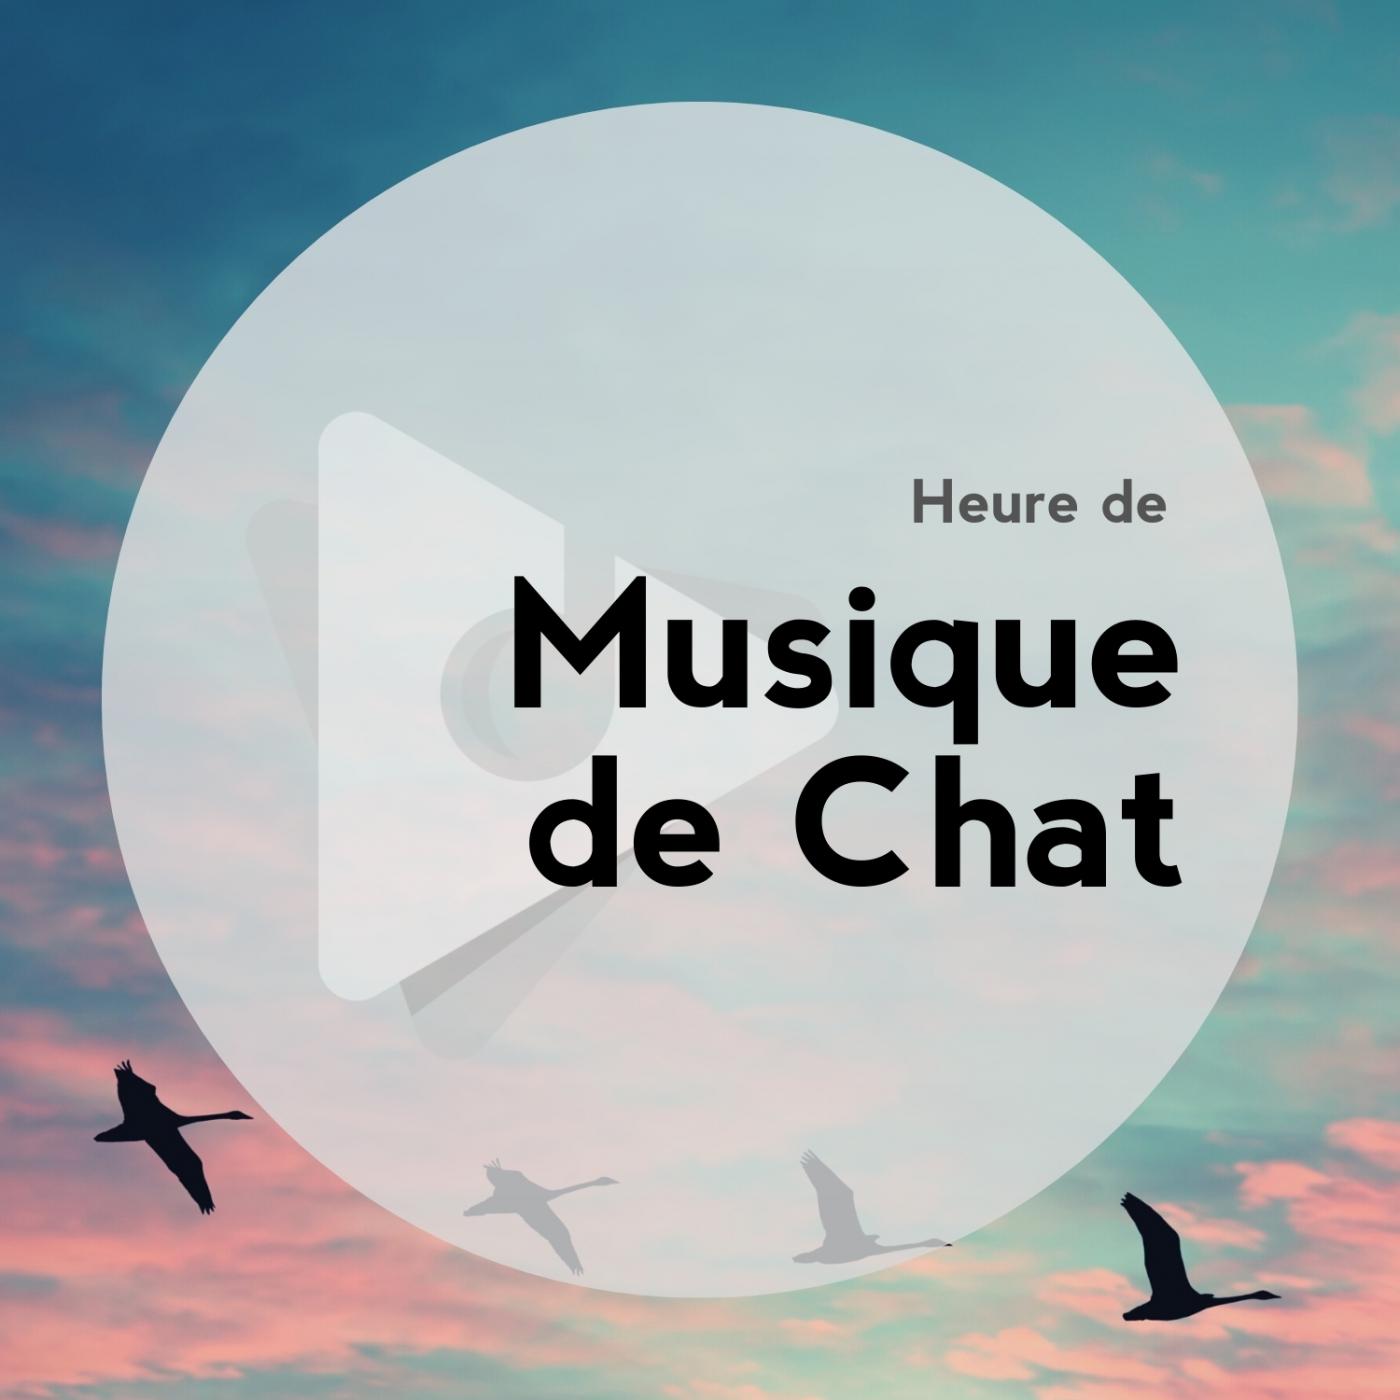 Heure de Musique de Chat